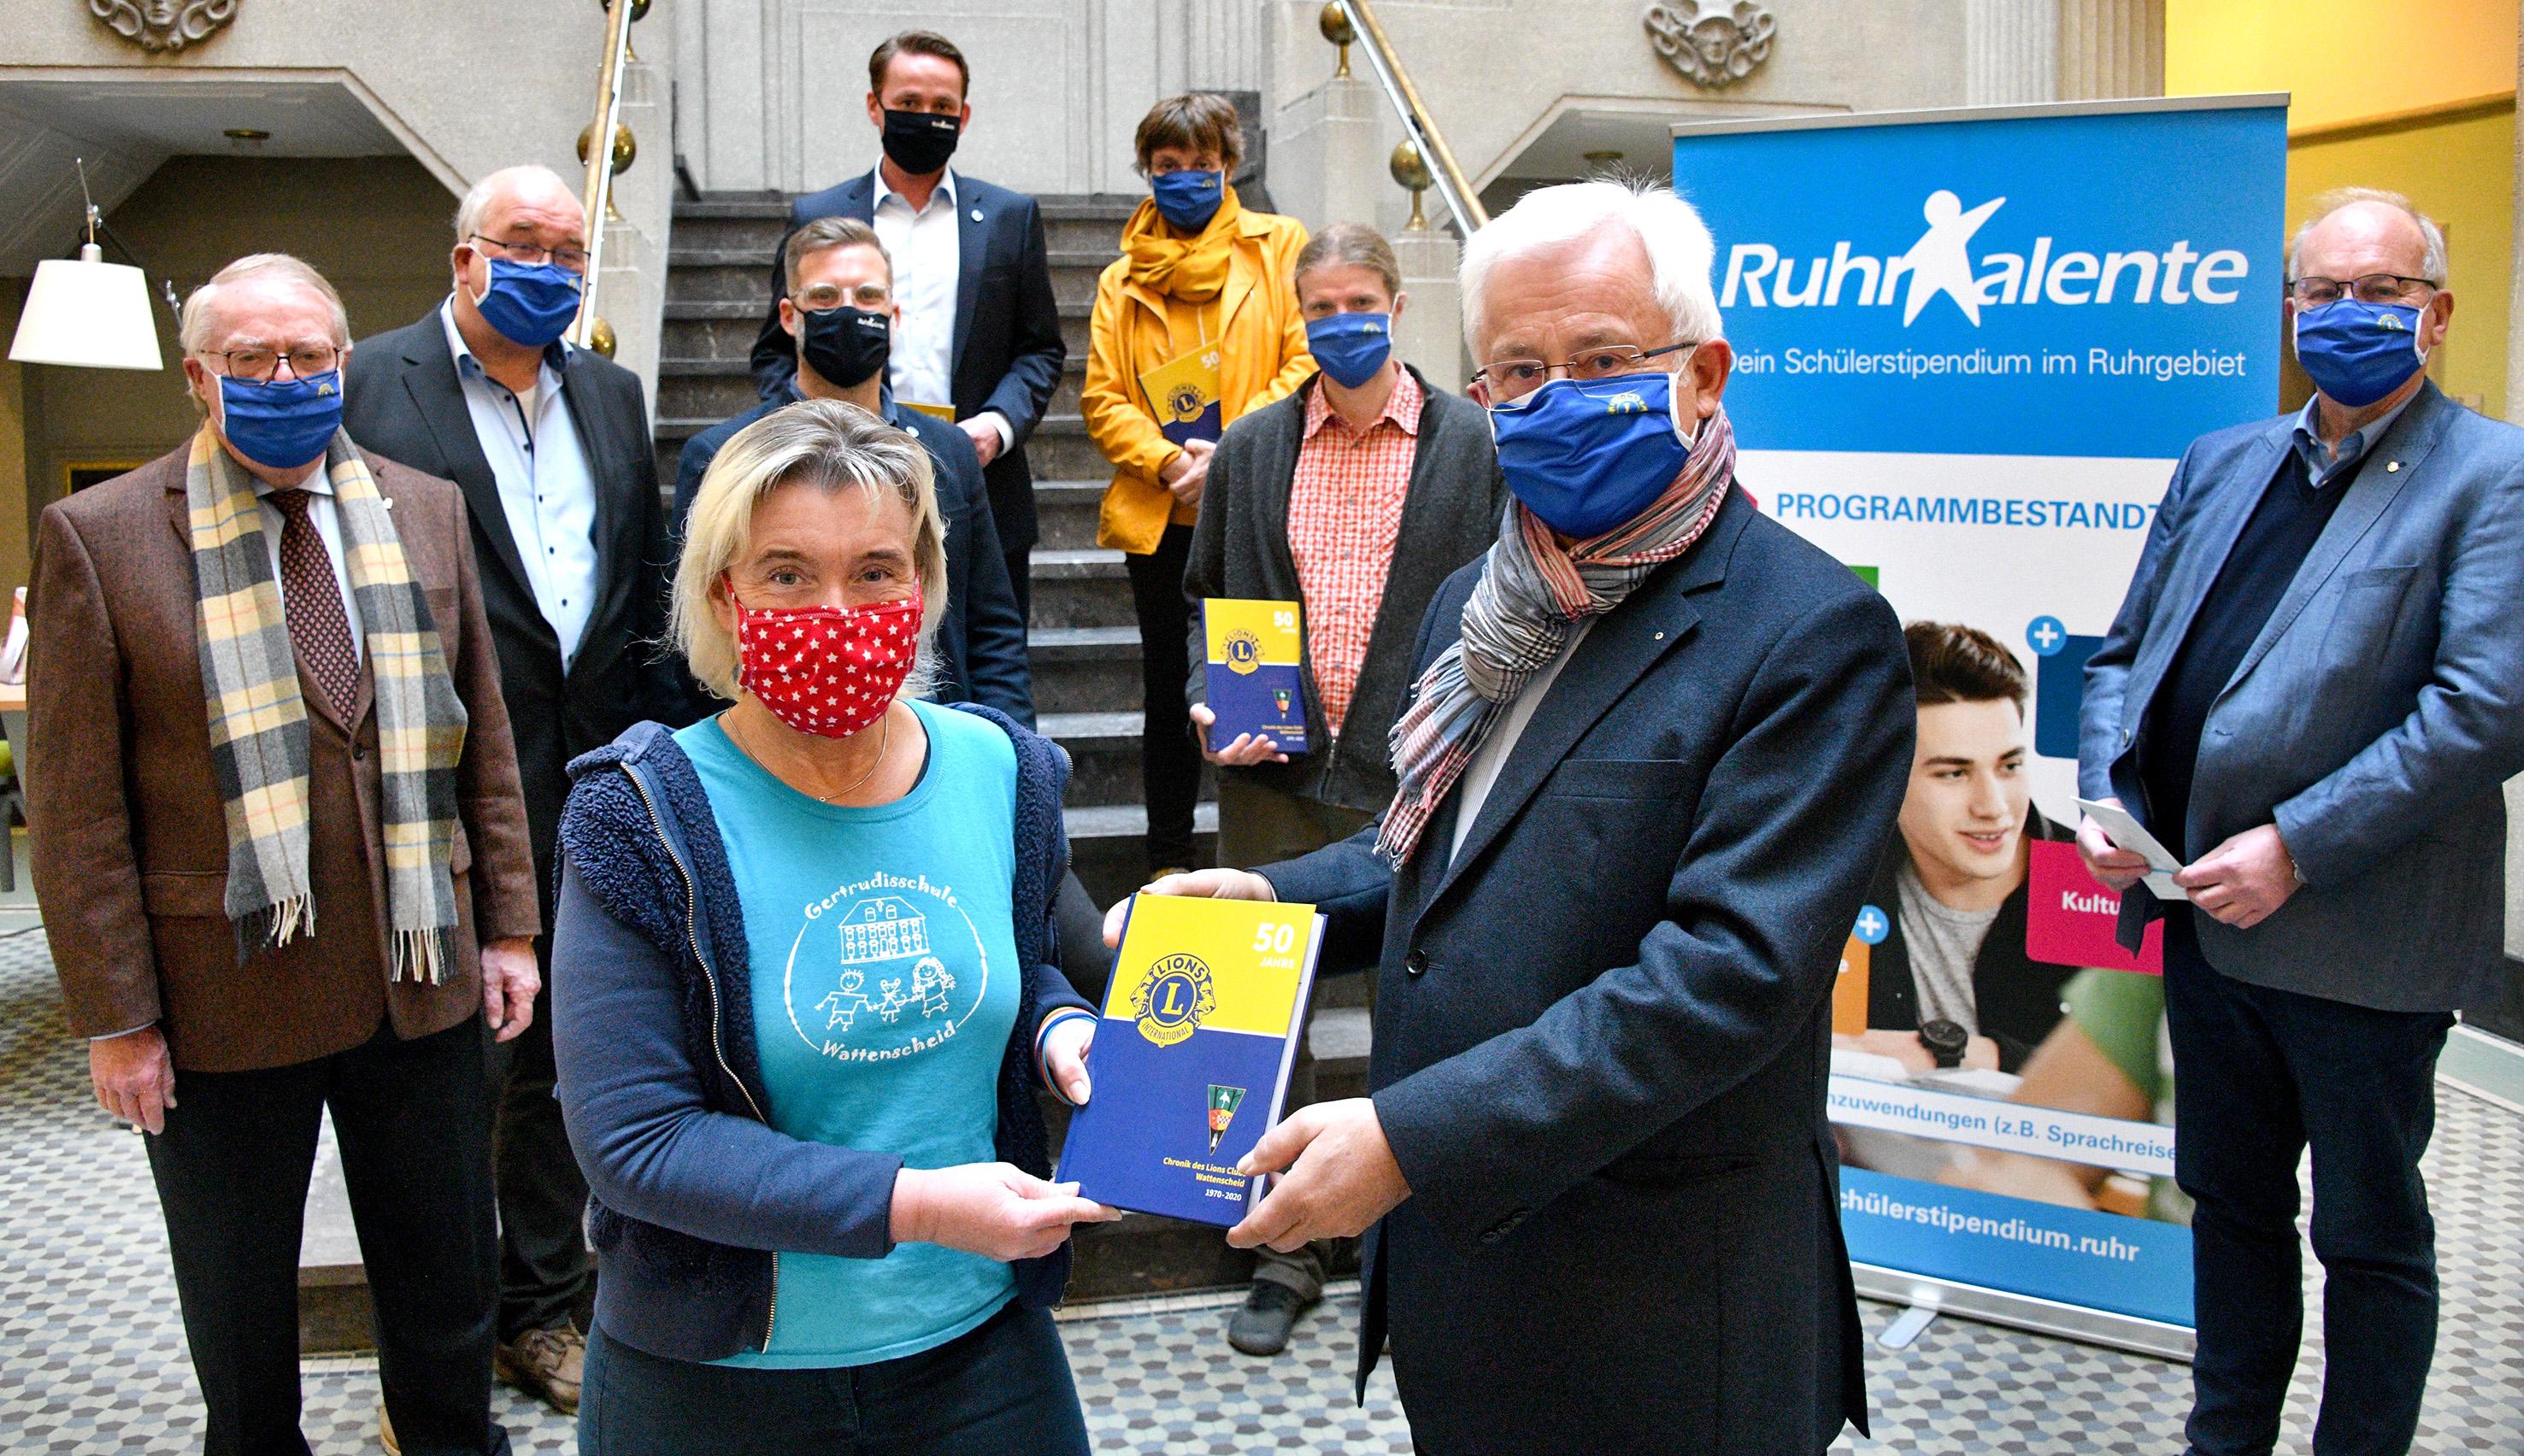 Auf dem Foto ganz links mit Schal: Autor Wulf Mämpel.